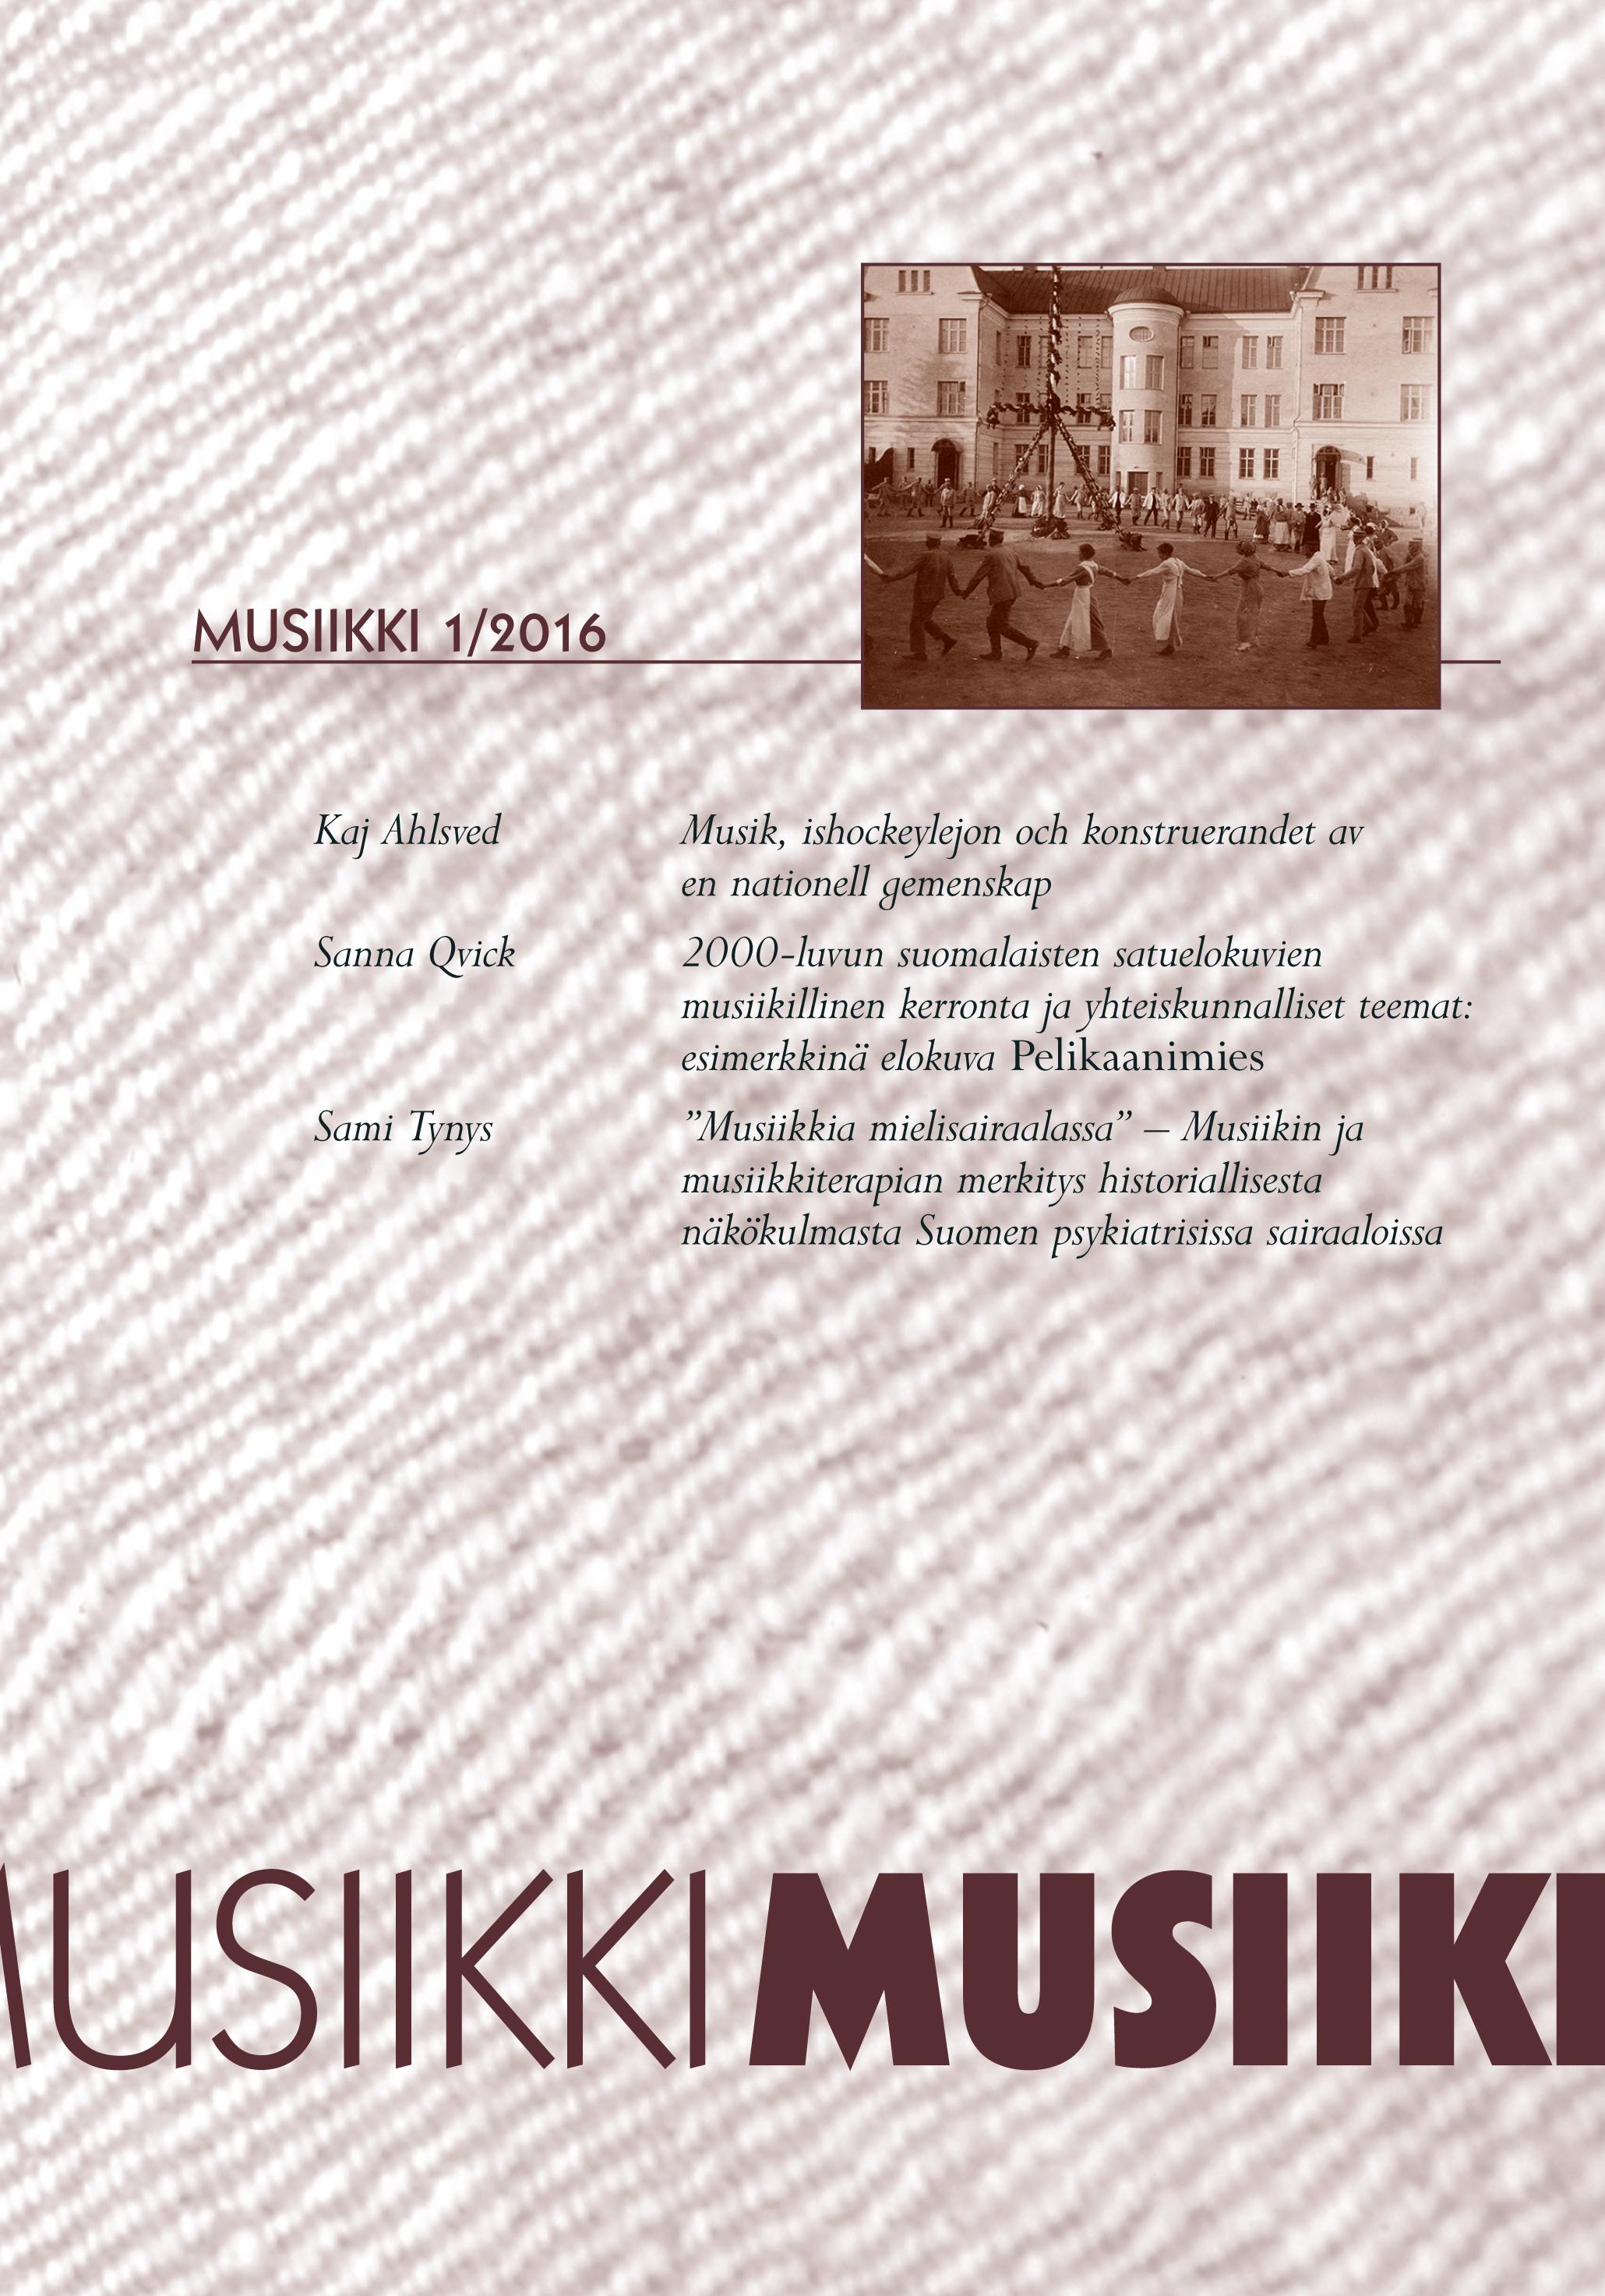 Vol 46 Nro 1 (2016): Musiikki 1/2016